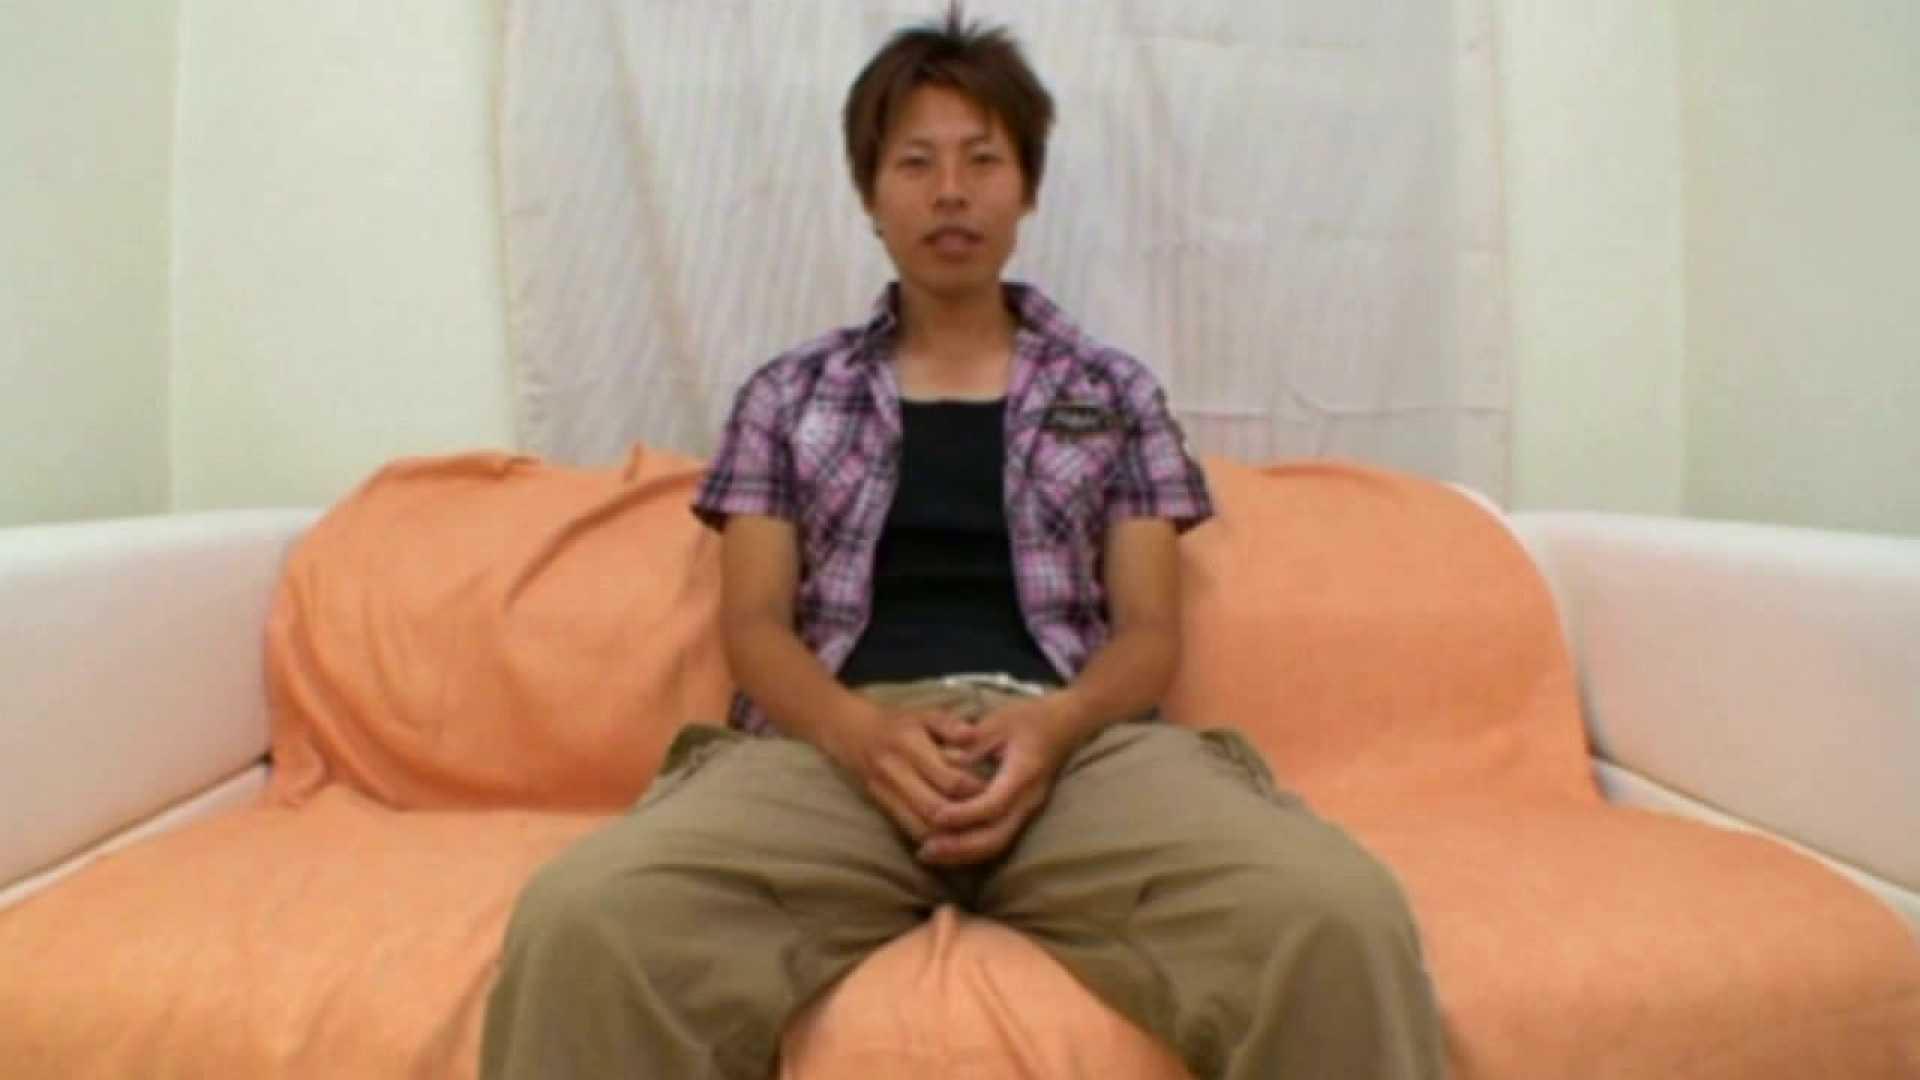 ノンケ!自慰スタジオ No.10 ゲイの自慰 ゲイヌード画像 47pic 15